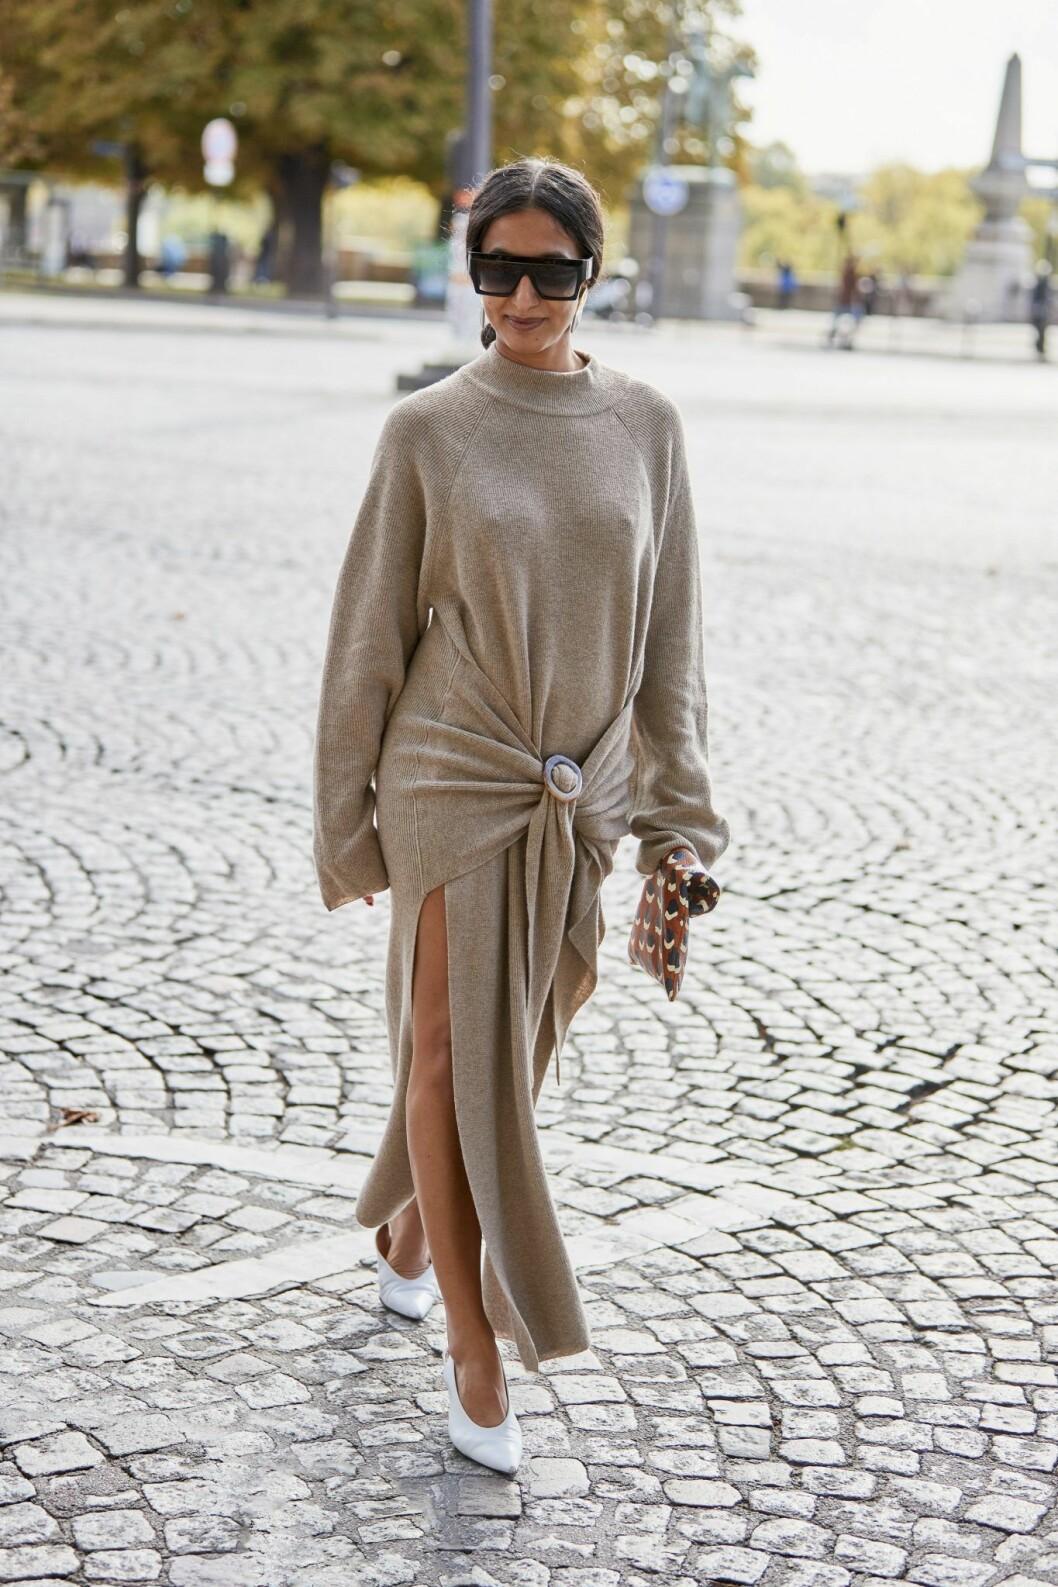 Streetstyleinspiration från modeveckan i Paris som får oss att vilja bära stickade klänningar året om.